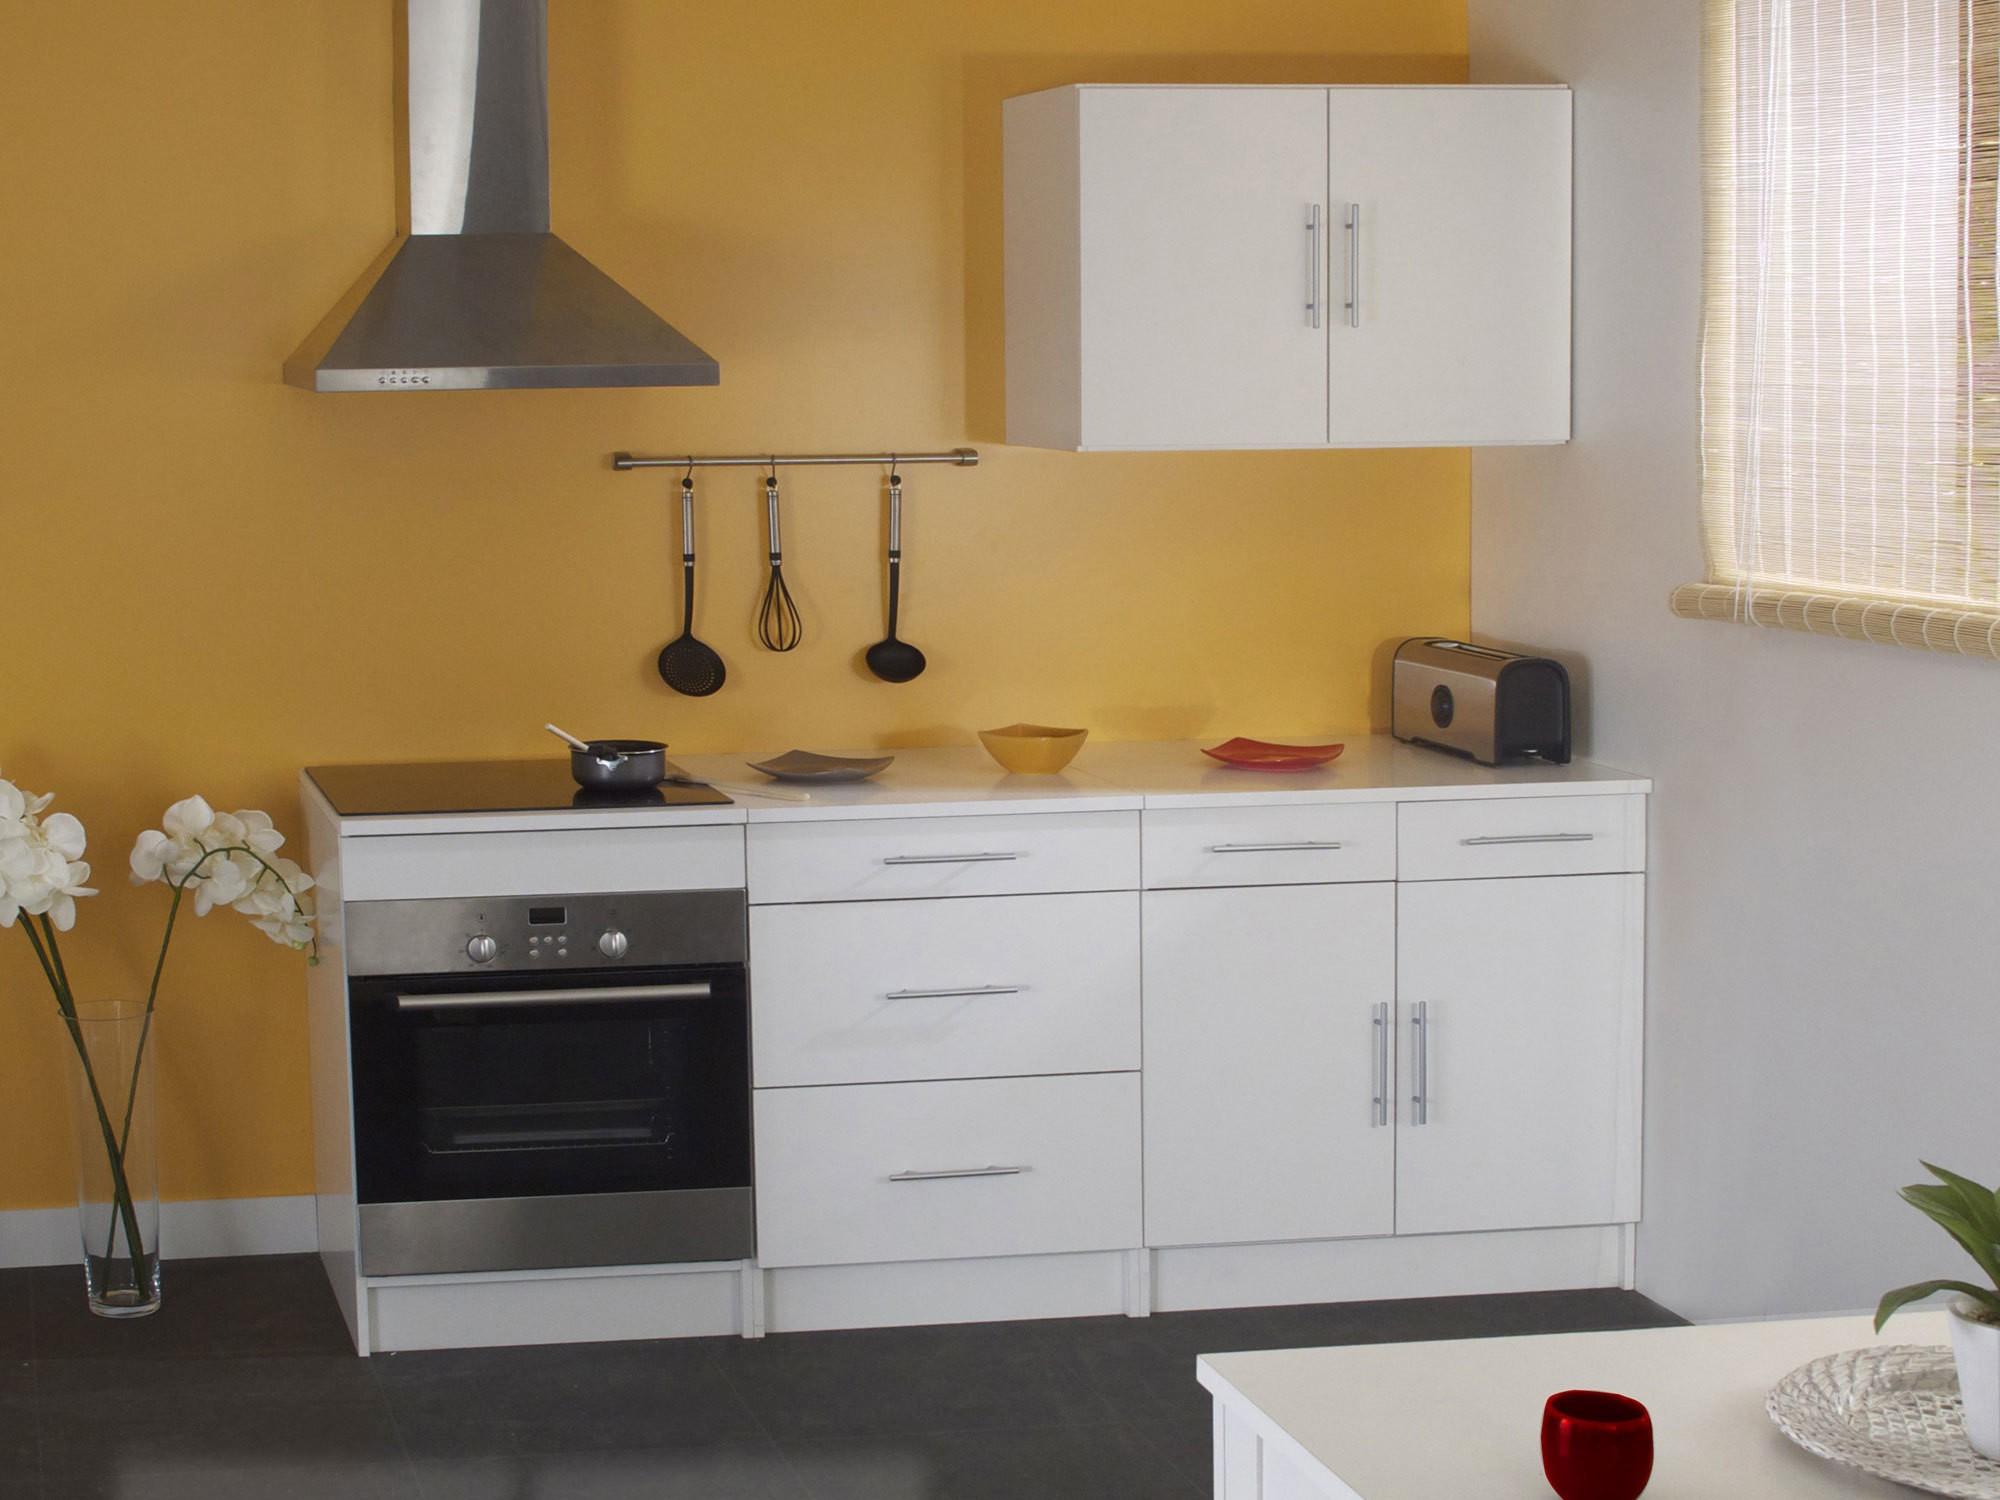 Meuble de cuisine pour four cuisine id es de for Stickers pour meuble cuisine